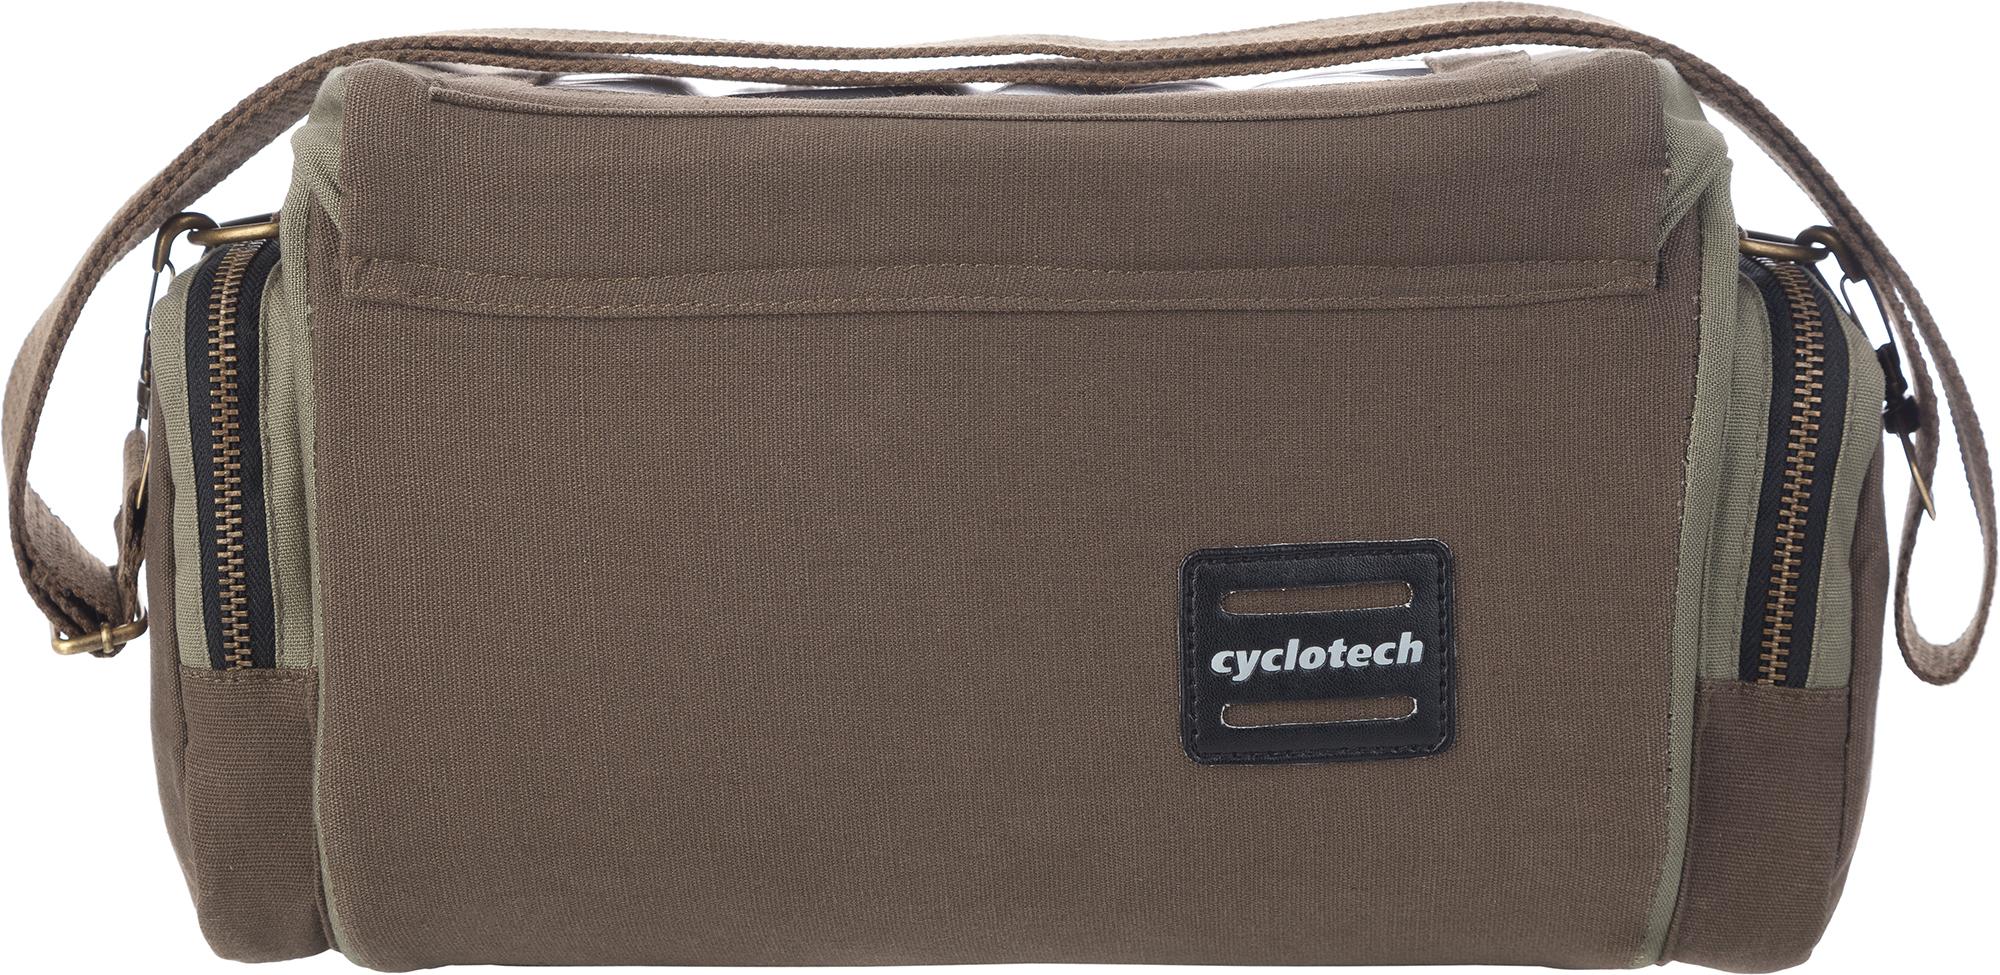 Cyclotech Велосипедная сумка Cyclotech cyclotech выжимка цепи cyclotech